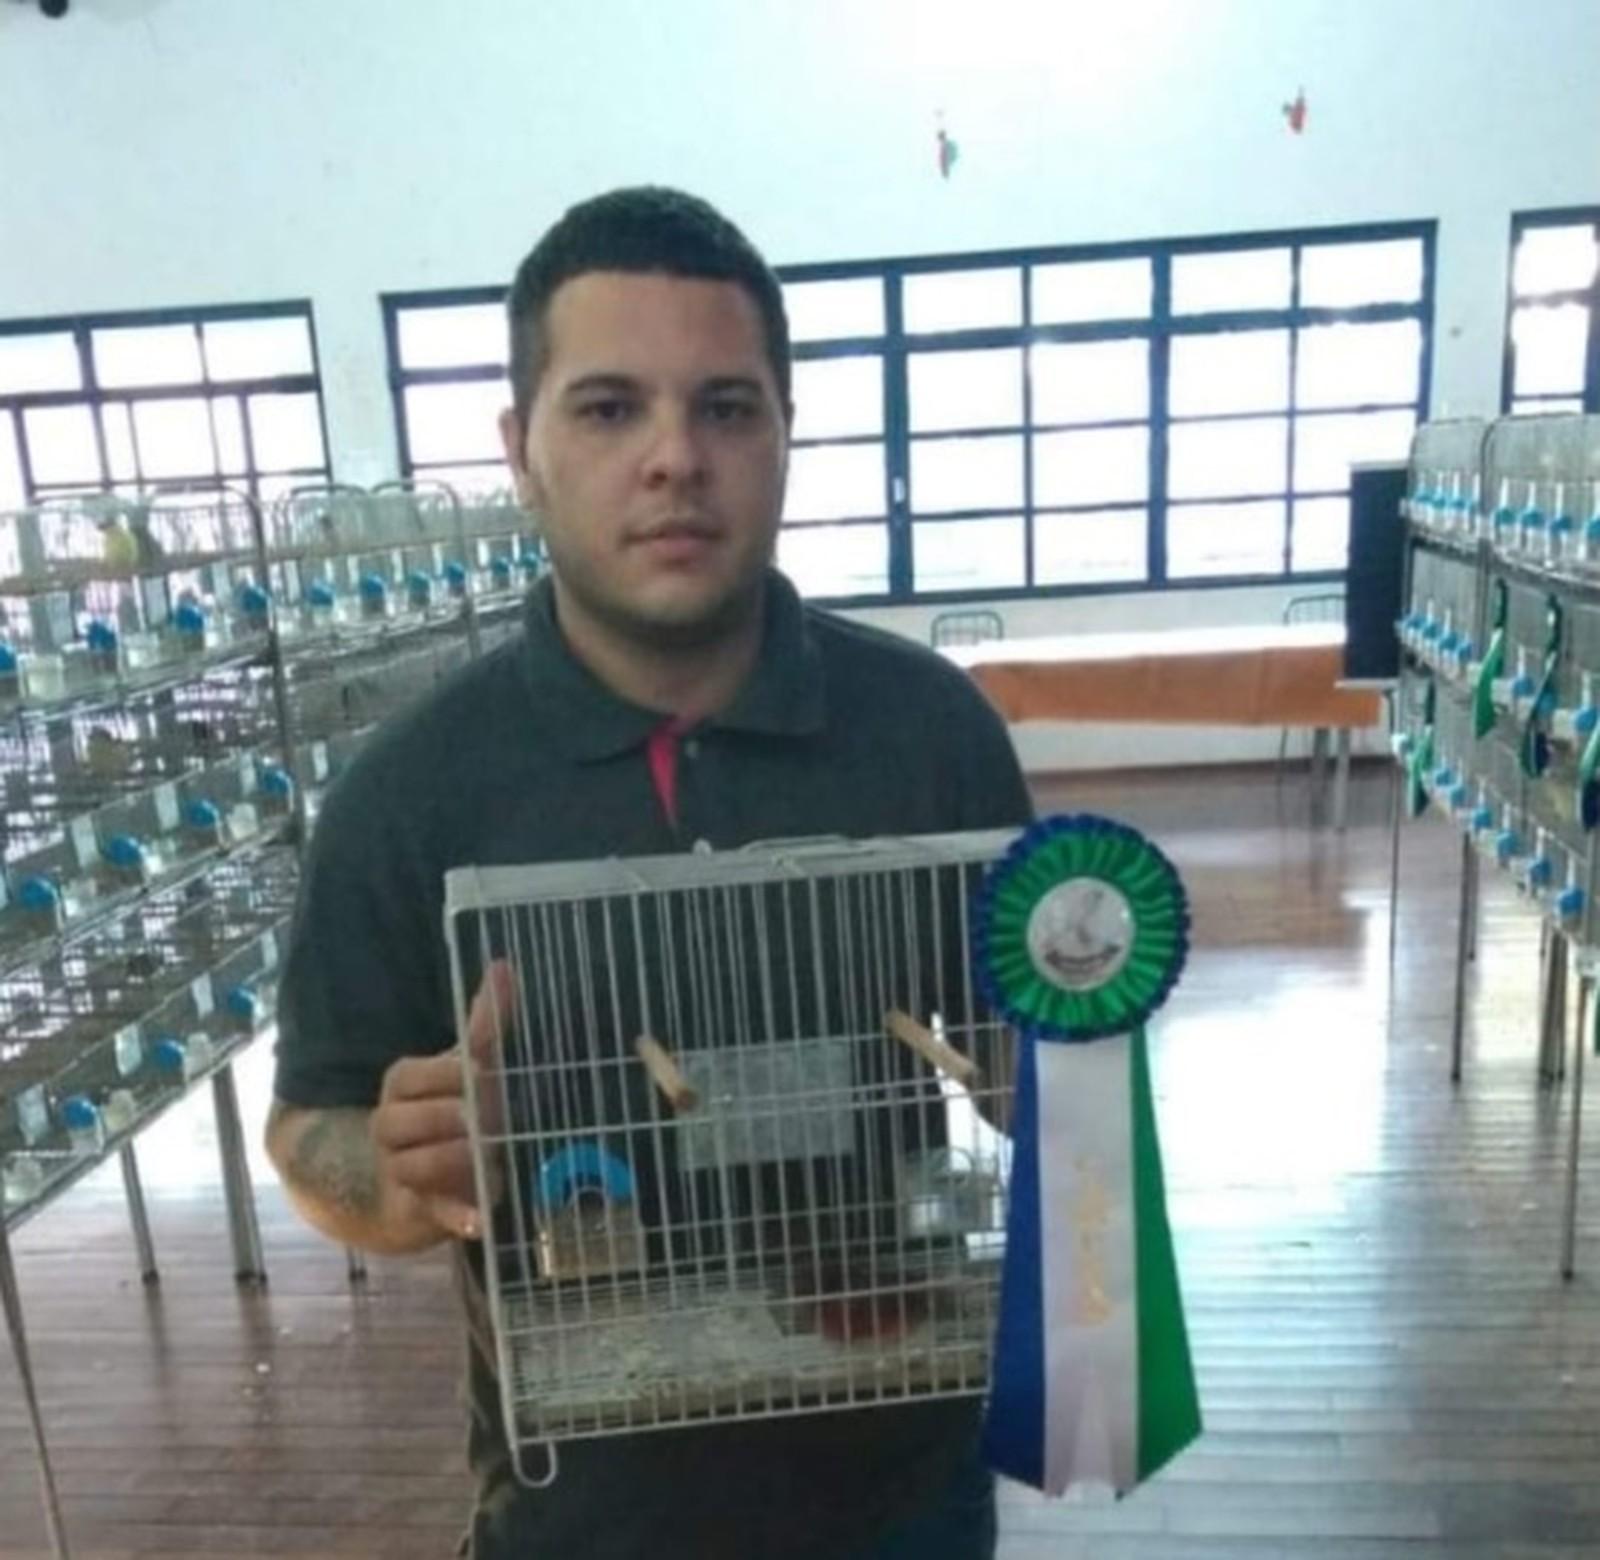 Colecionador desaparece ao sair para comprar canário em Marília — Foto: Arquivo Pessoal/Franciele Ferreira